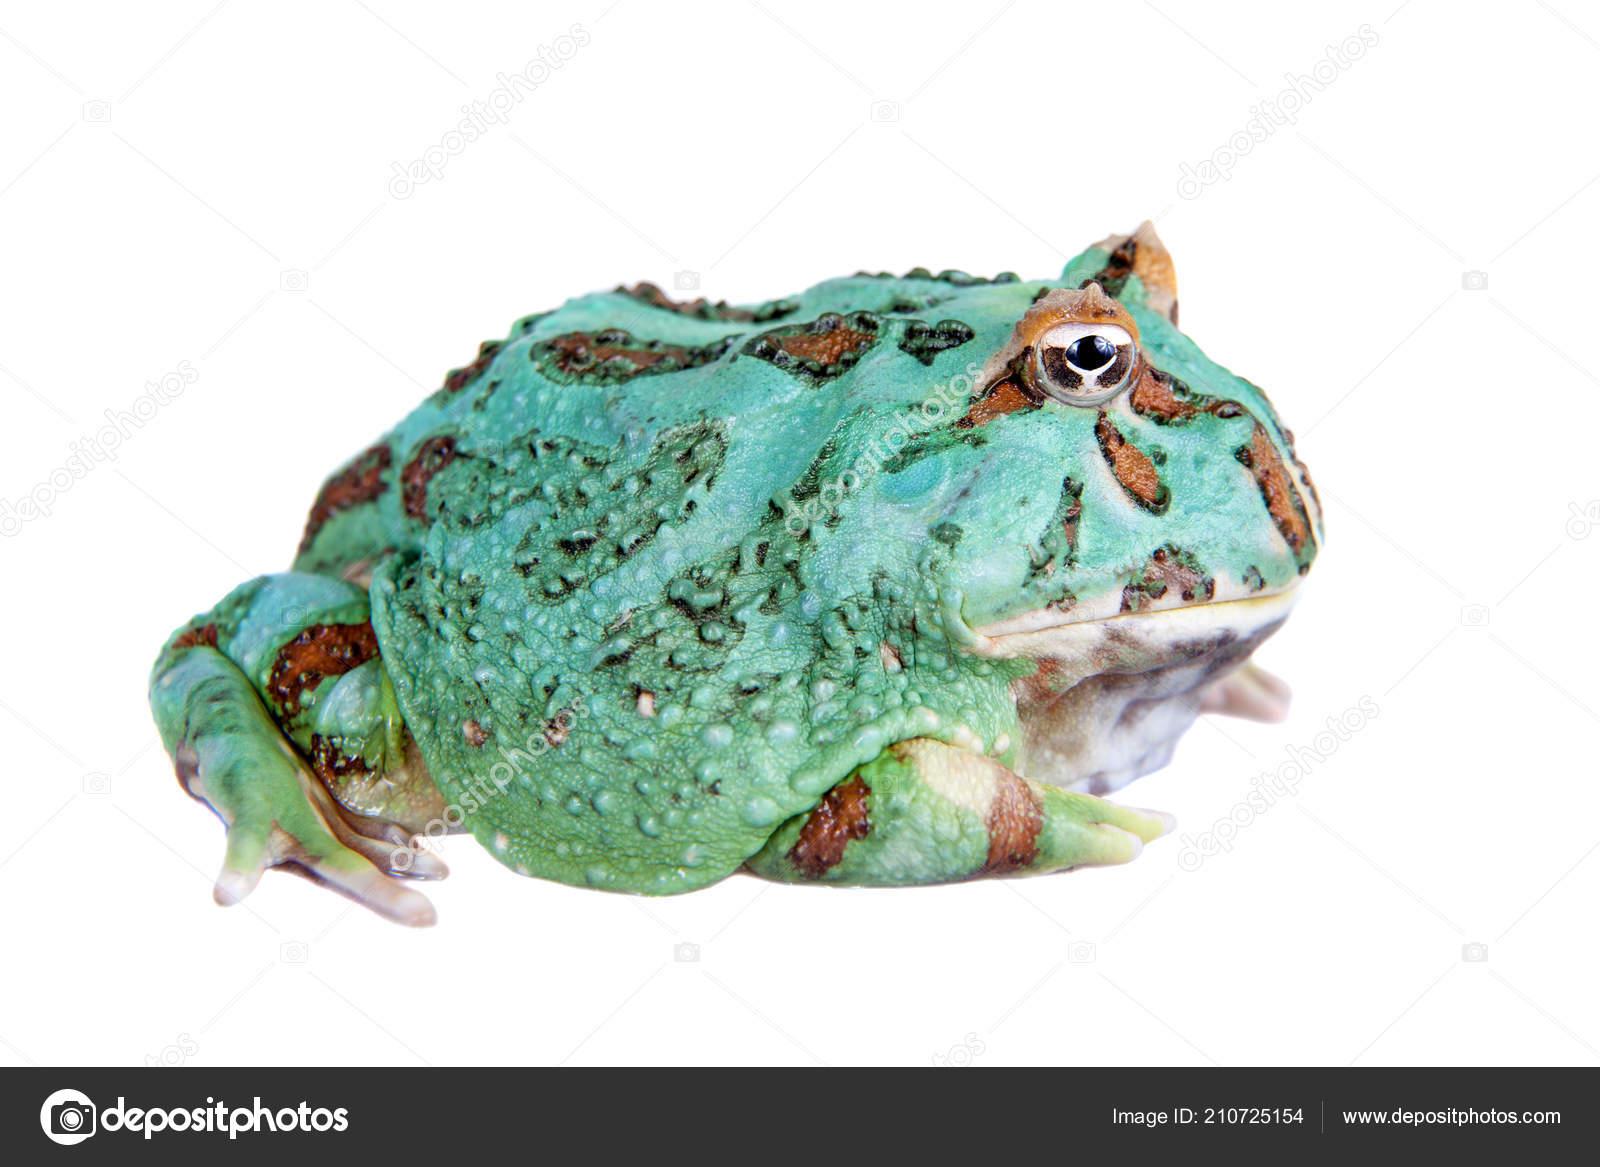 Samurai Frog Stock Photos Royalty Free Samurai Frog Images Depositphotos